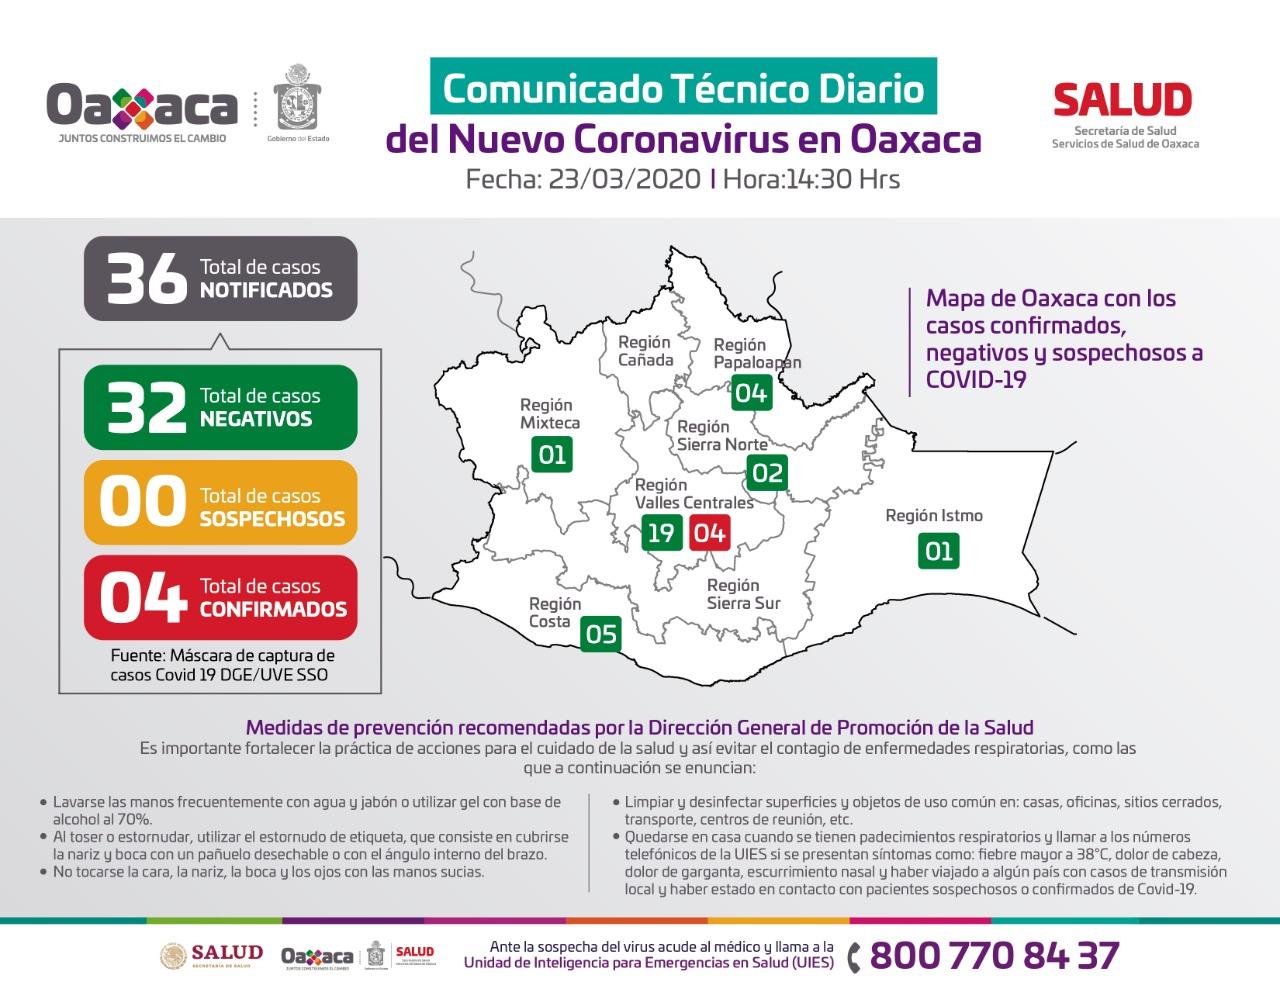 Confirman cuarto caso de Covid-19 en Oaxaca